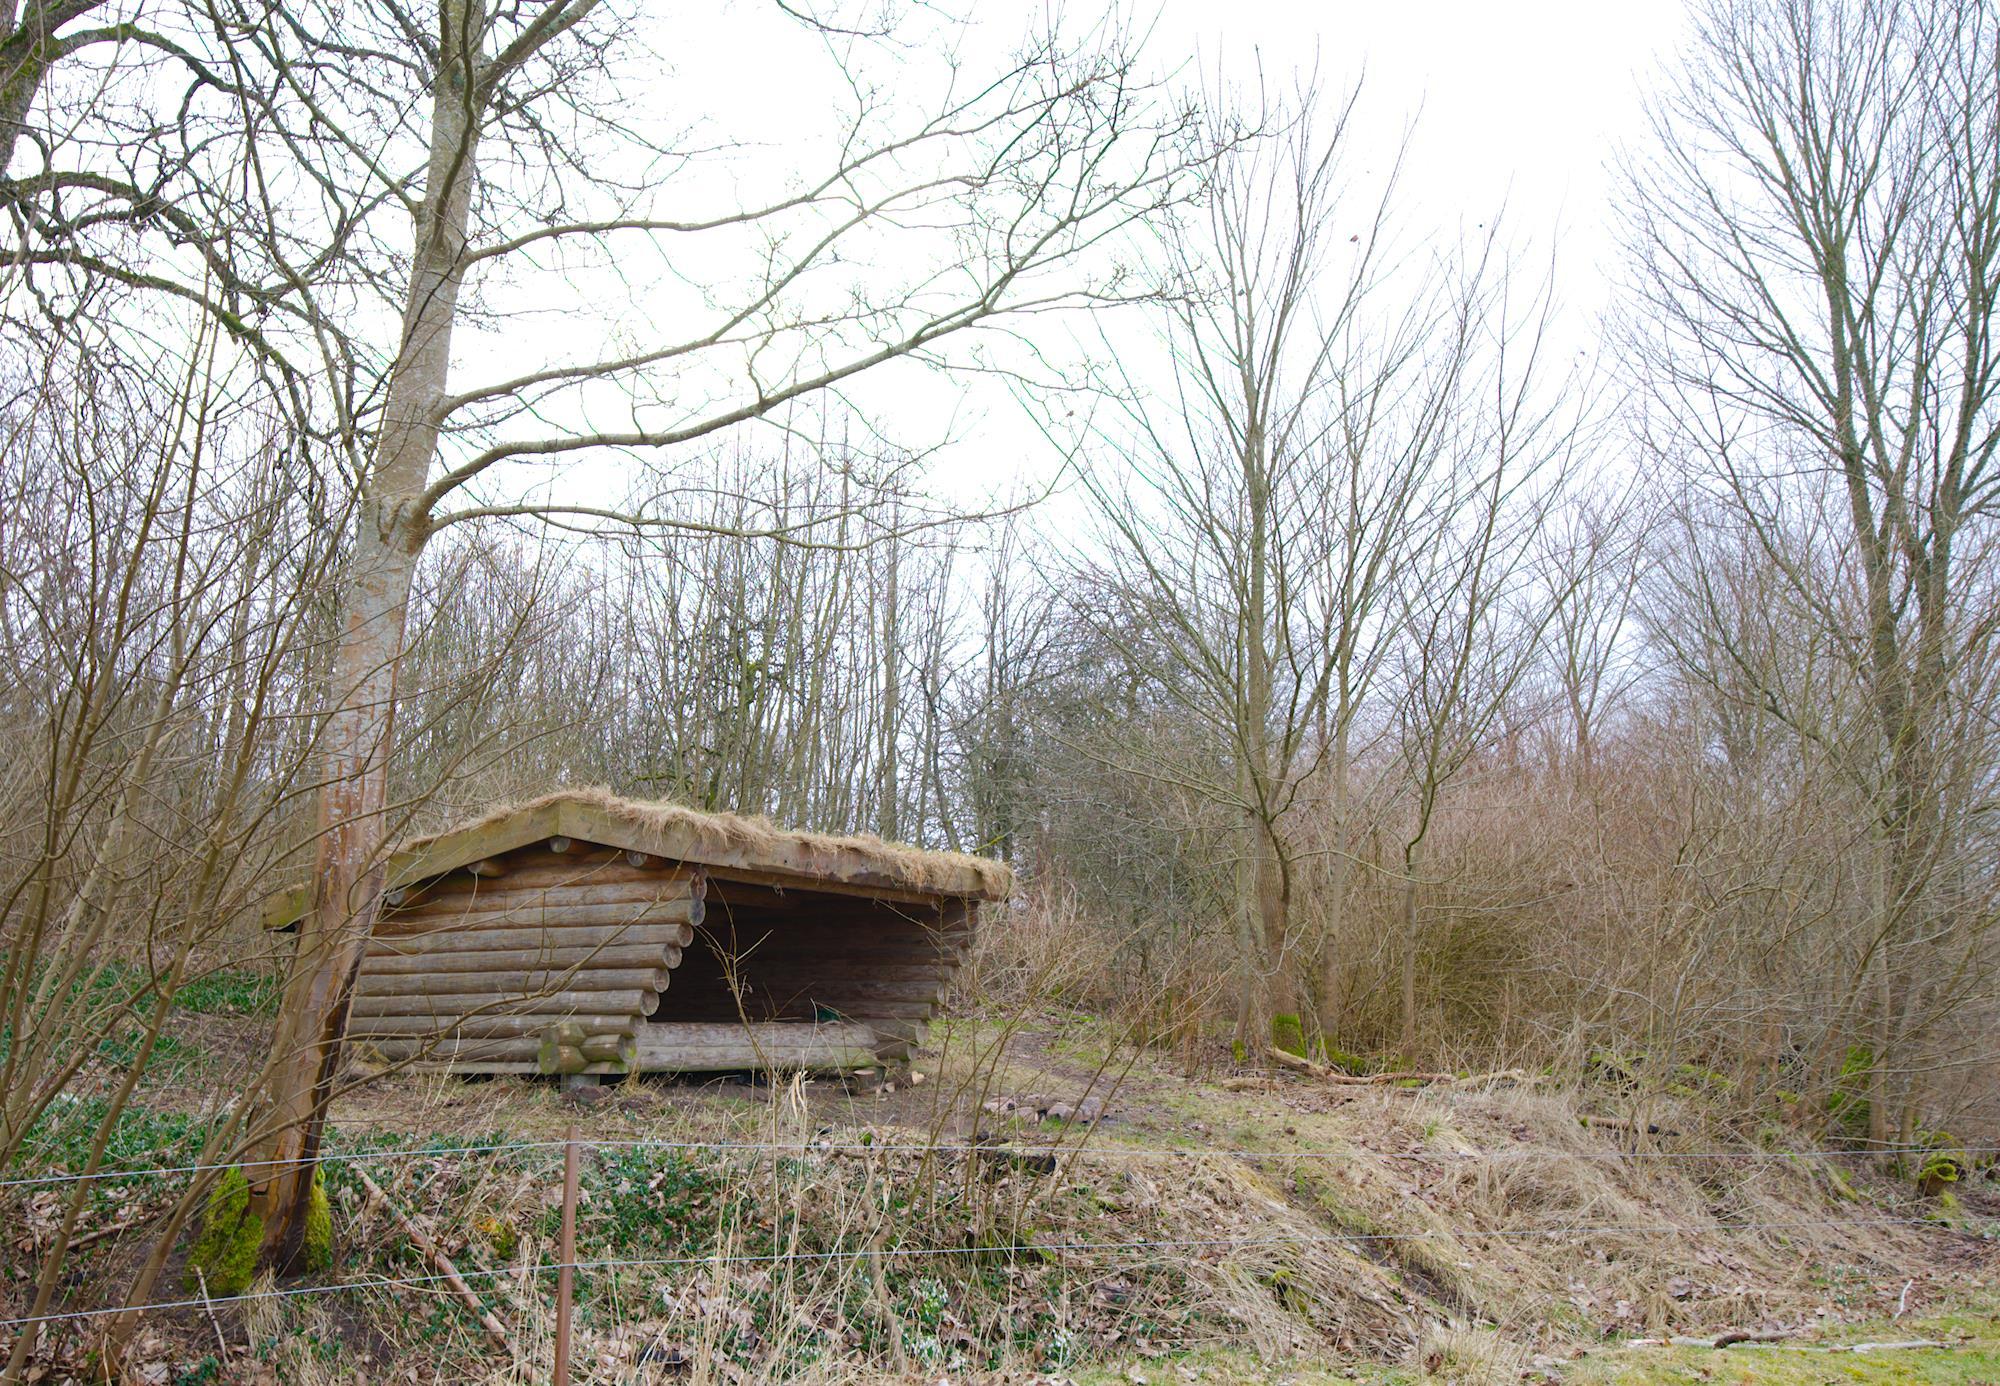 Shelter ved Klostermølle